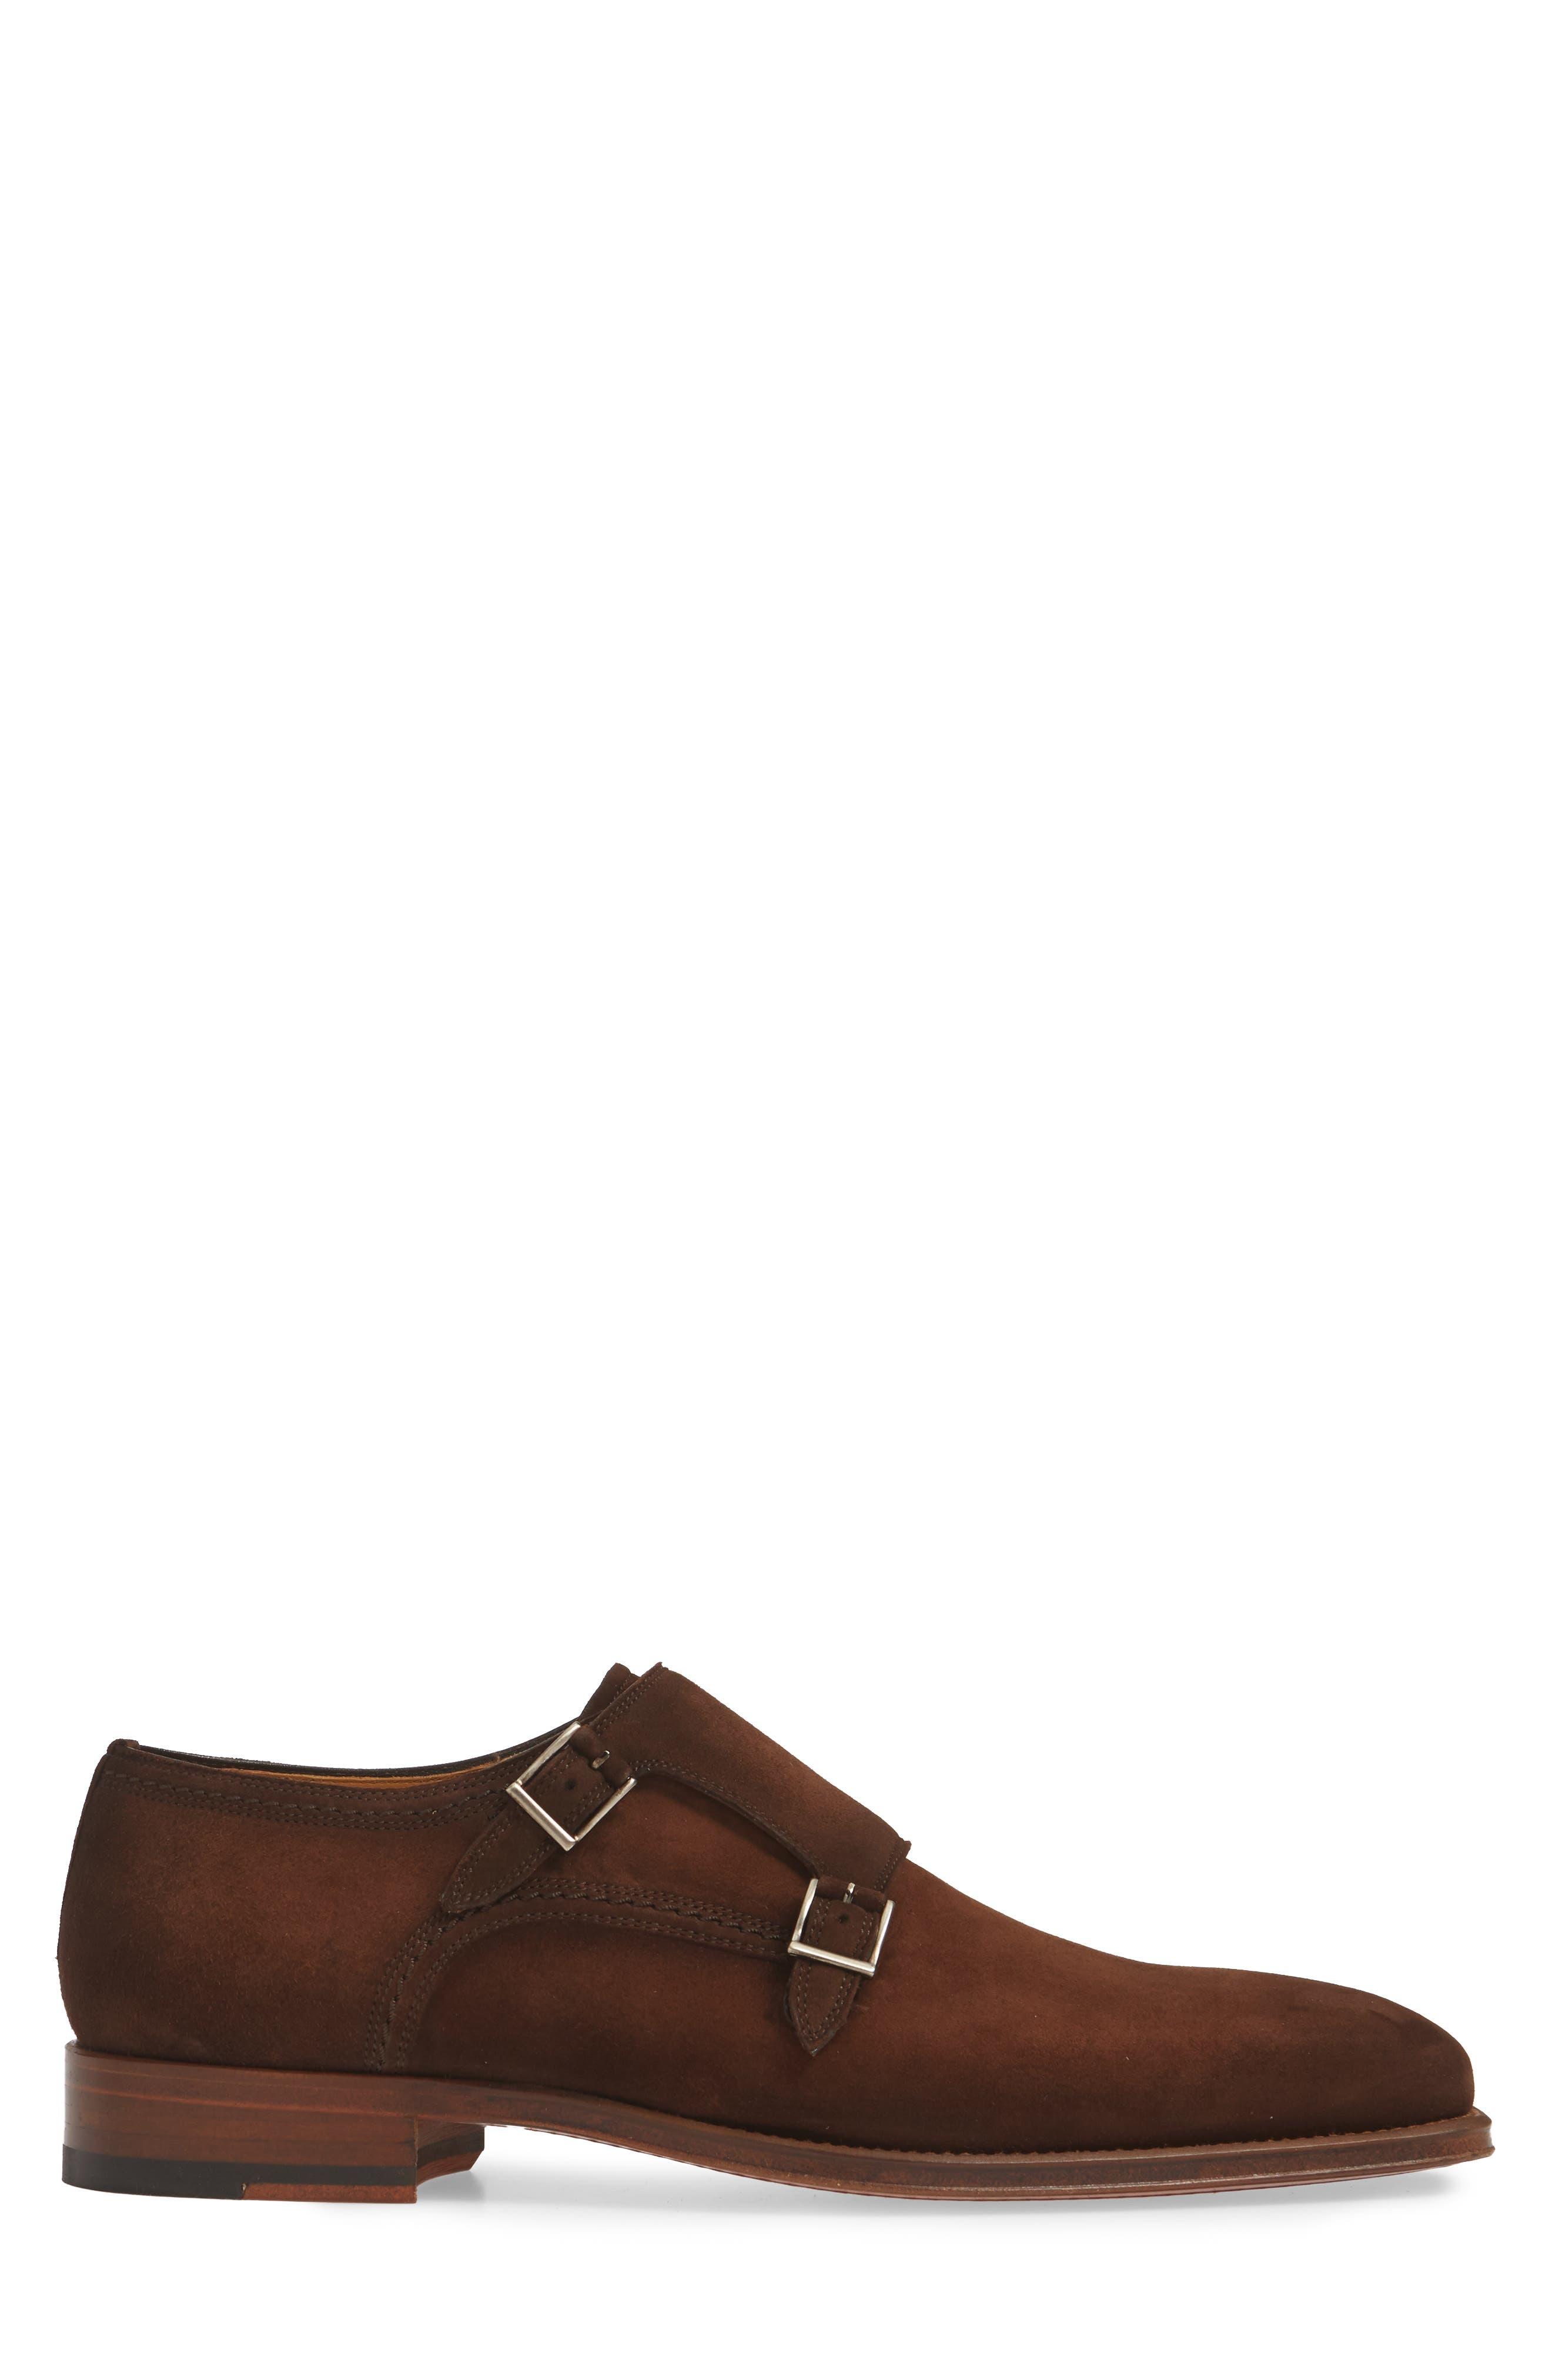 MAGNANNI, Landon Double Strap Monk Shoe, Alternate thumbnail 3, color, MID BROWN